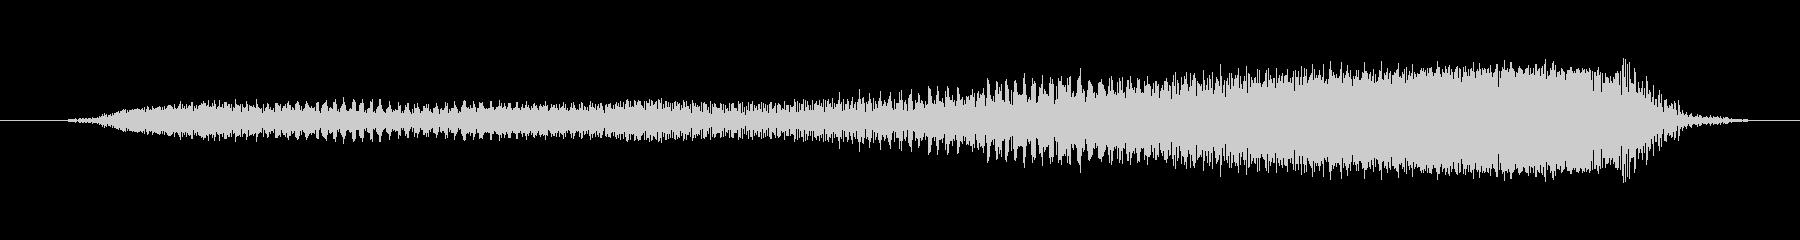 鳴き声 男性スクリーム強制ロング06の未再生の波形